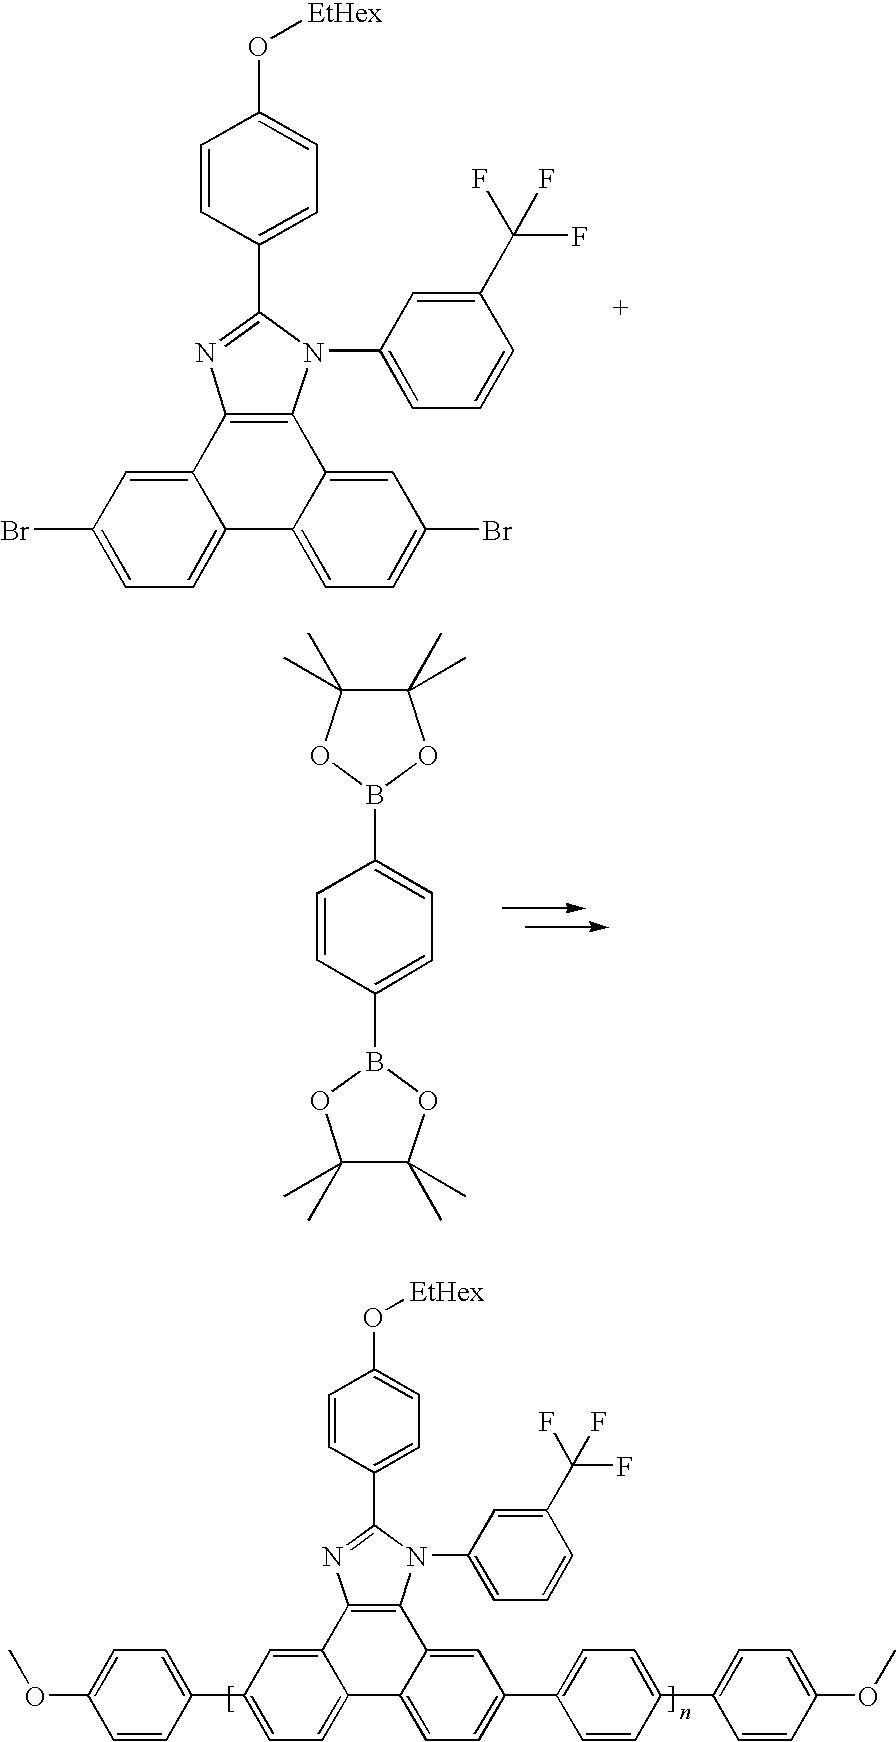 Figure US20090105447A1-20090423-C00194